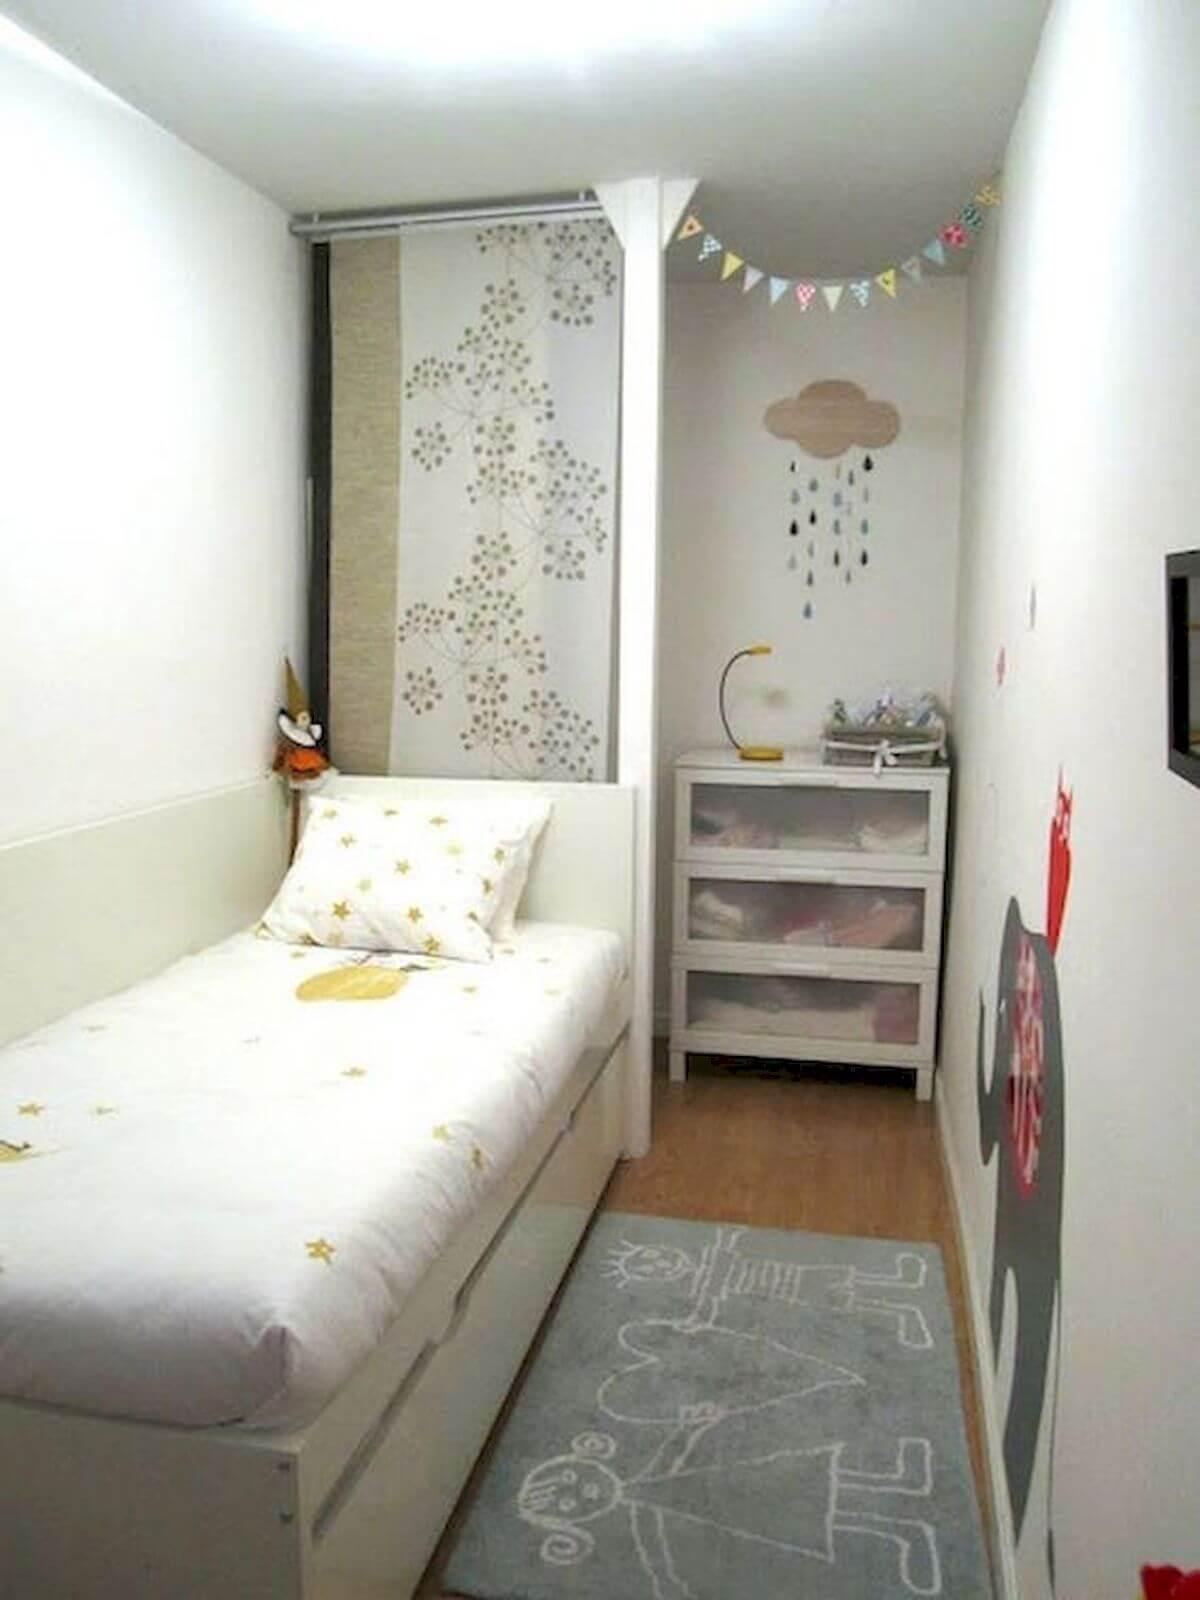 47 Ý Tưởng Thiết Kế Phòng Ngủ Căn Hộ Nhỏ (1)